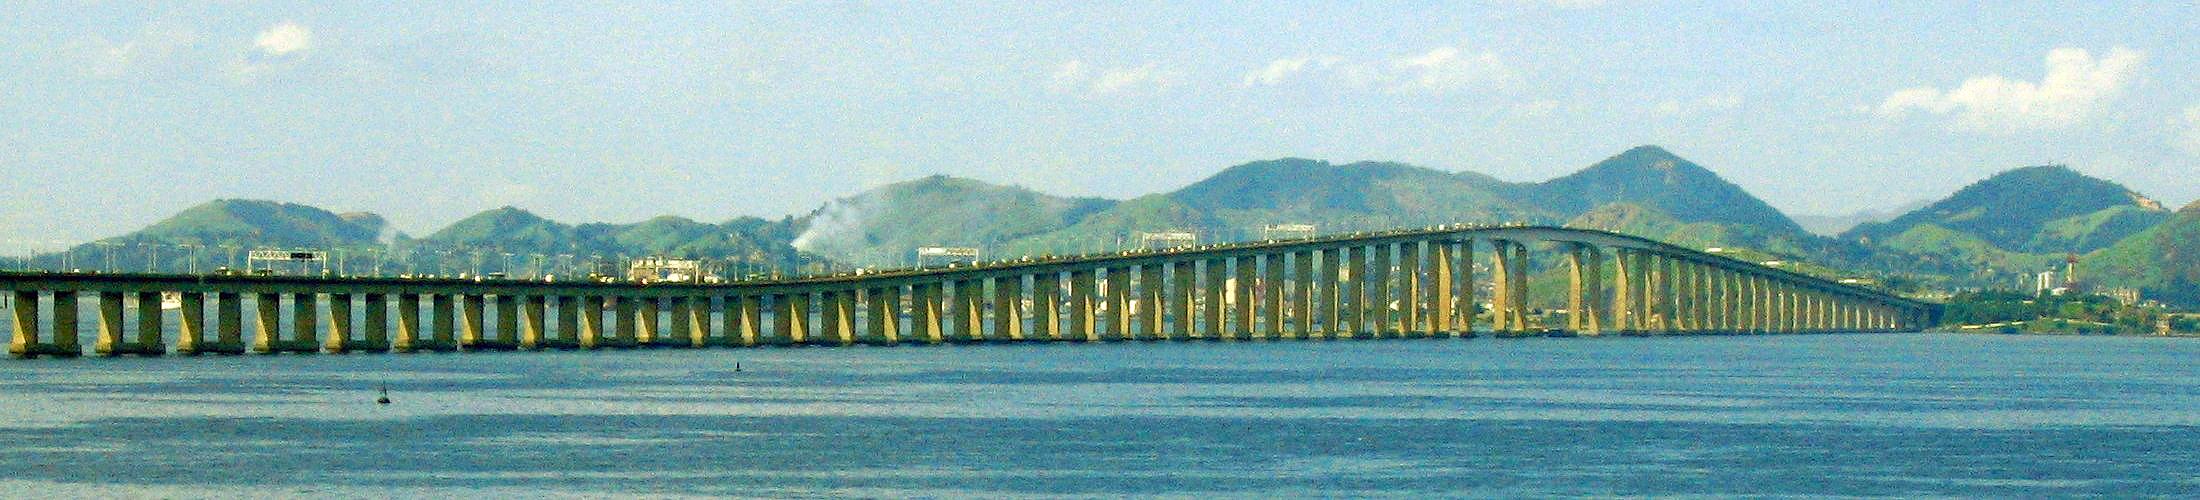 Ponte Rio-Niterói: exemplo emblemático de estruturas de concreto resistentes às reações químicas e físicas impostas pelo mar.